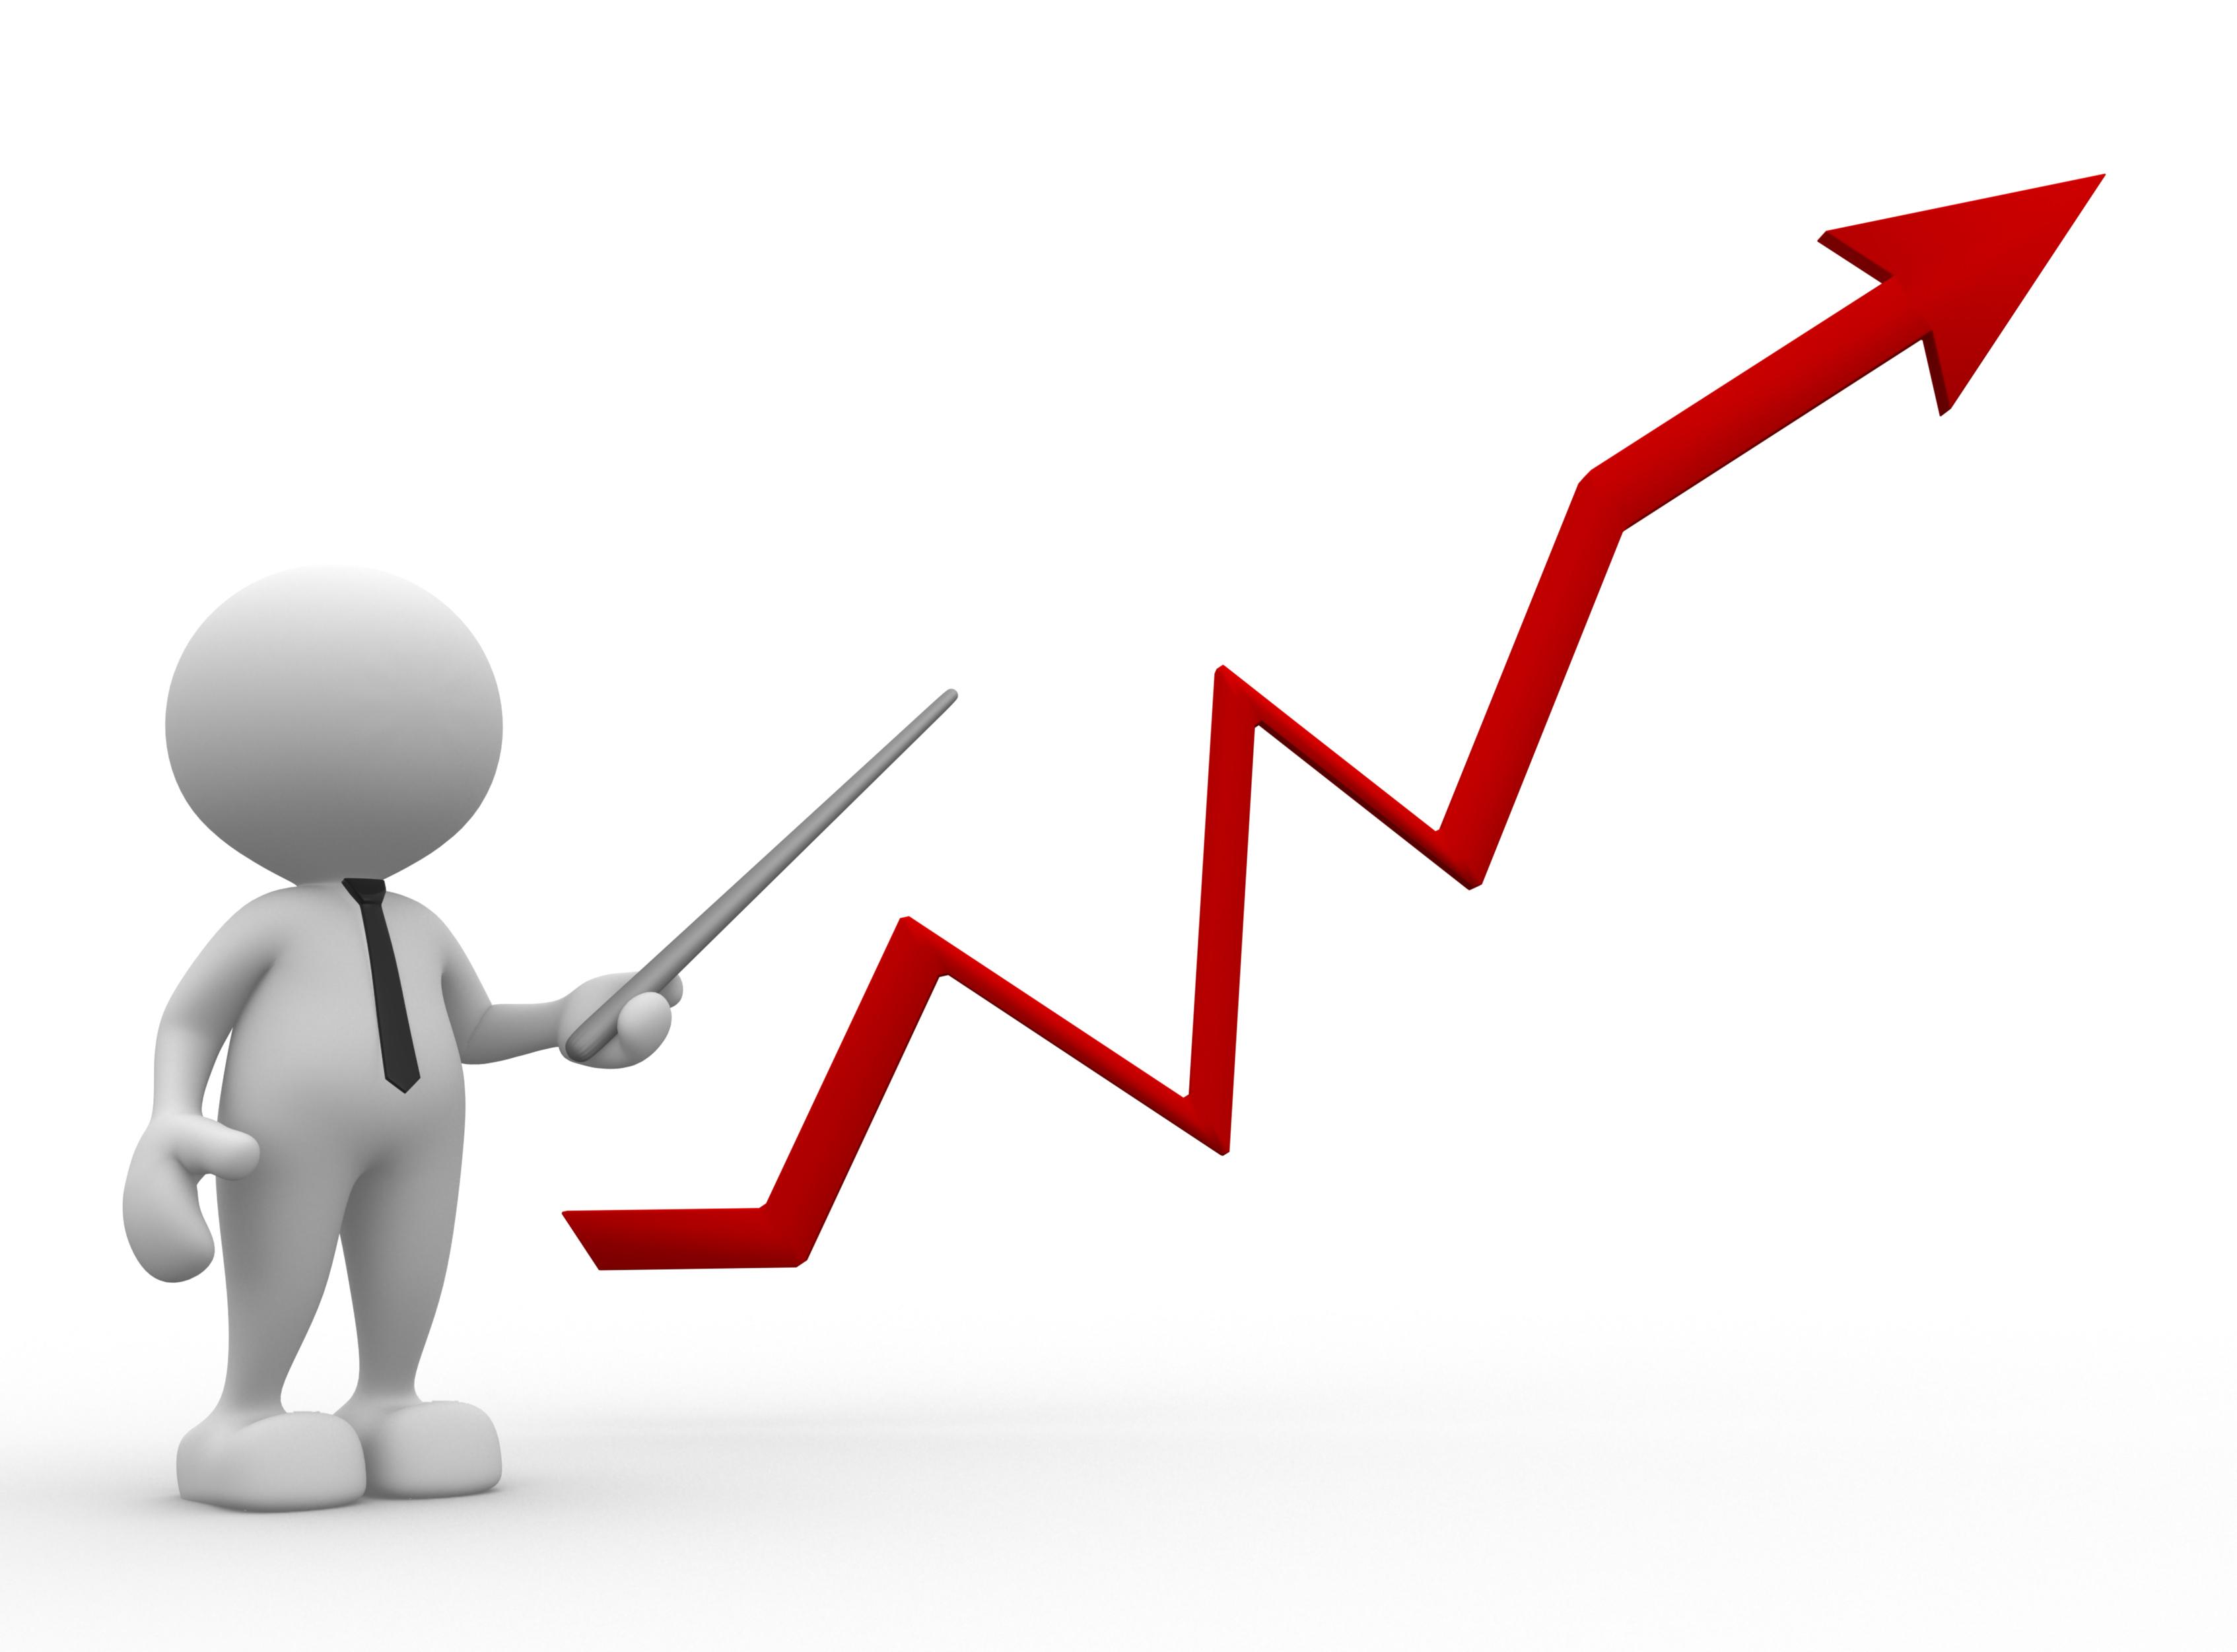 Stick figure explains stock chart.